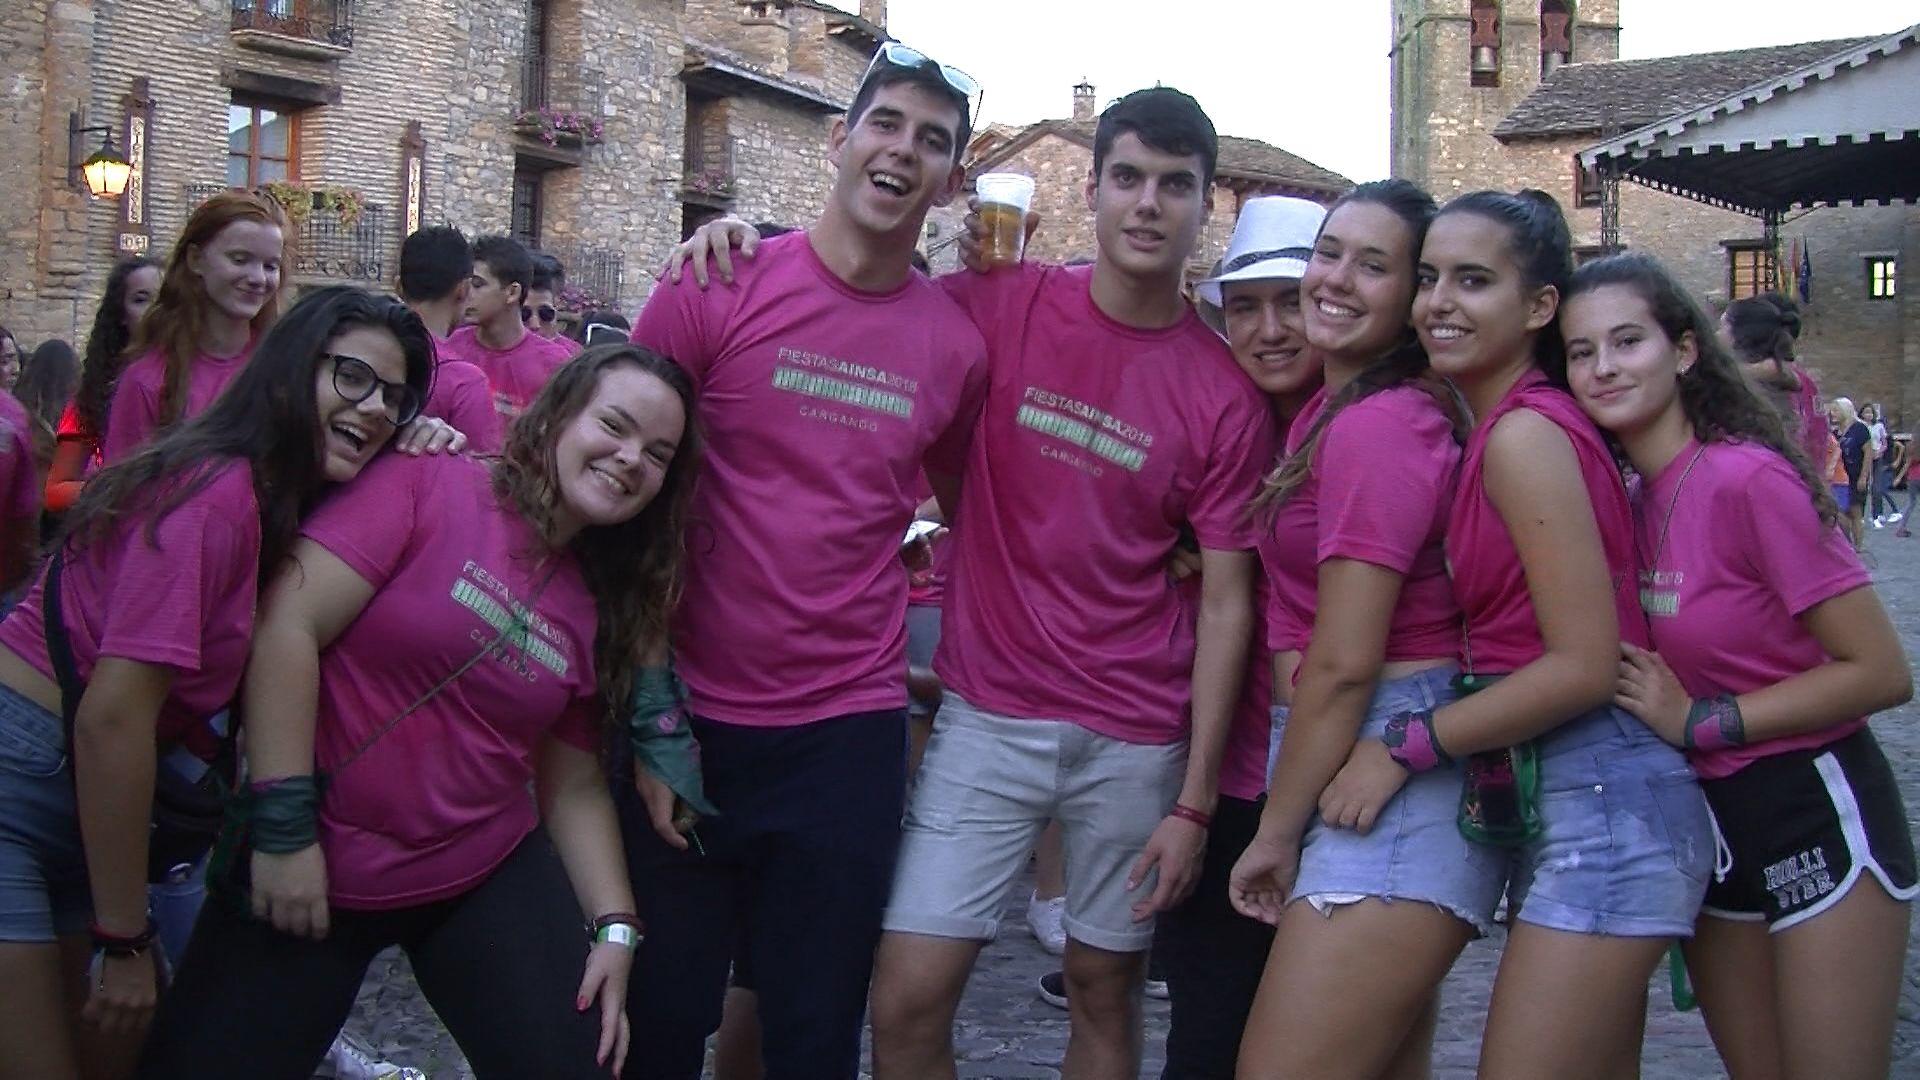 La imagen corresponde a las Fiestas de Aínsa/ Septiembre 2018. Foto: SobrarbeDigital.